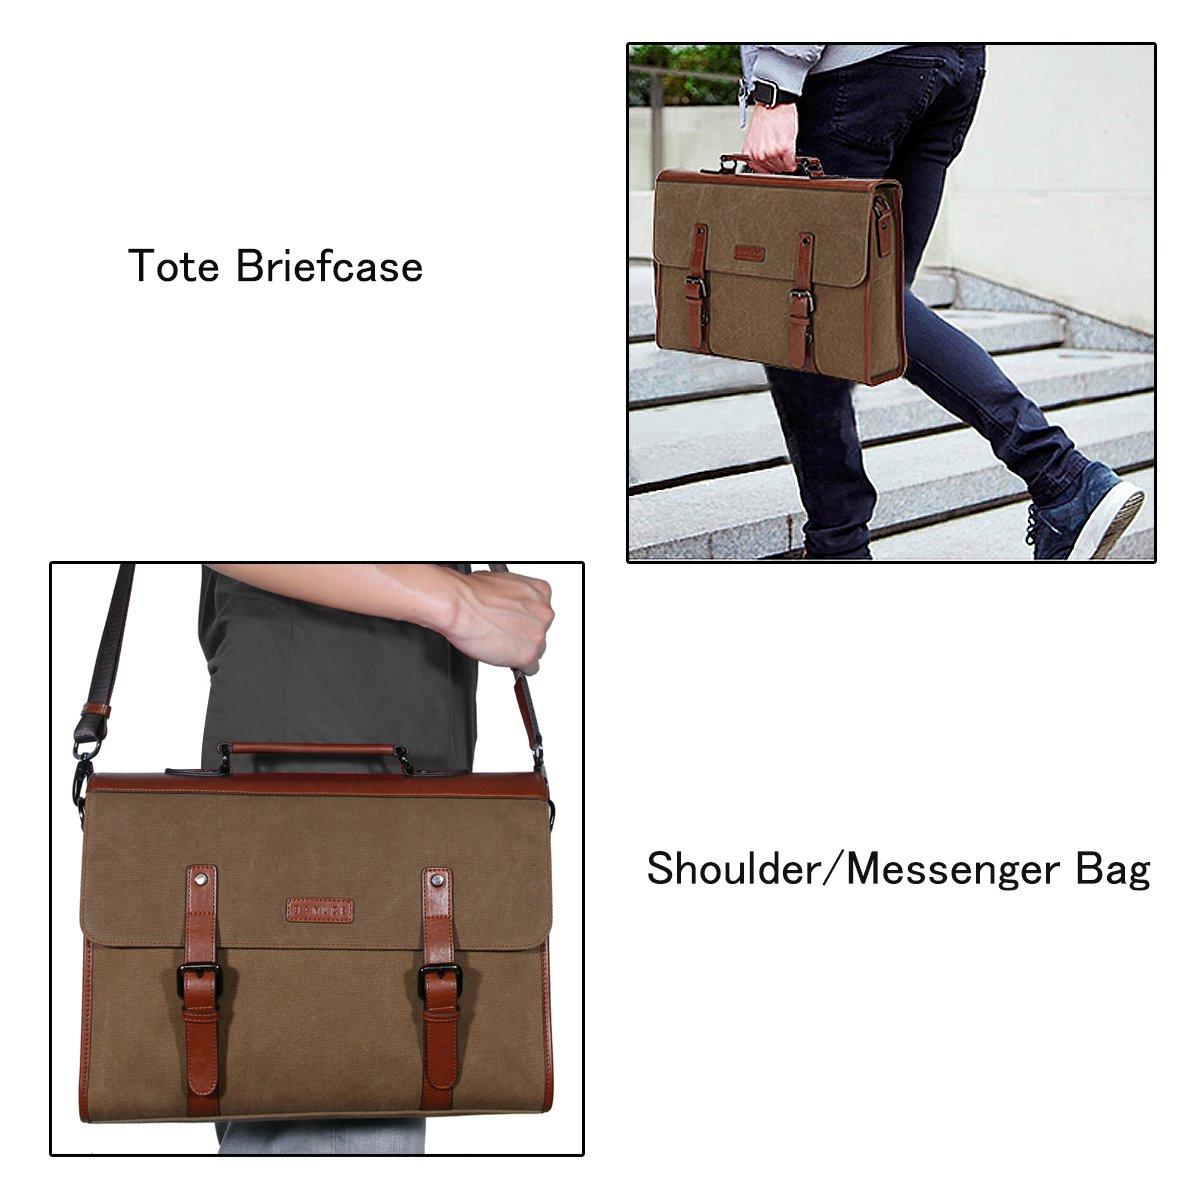 Banuce 13.3 inch Laptop Messenger Bag for Men Vintage Canvas Tote Briefcase Satchel Shoulder Bag by Banuce (Image #7)